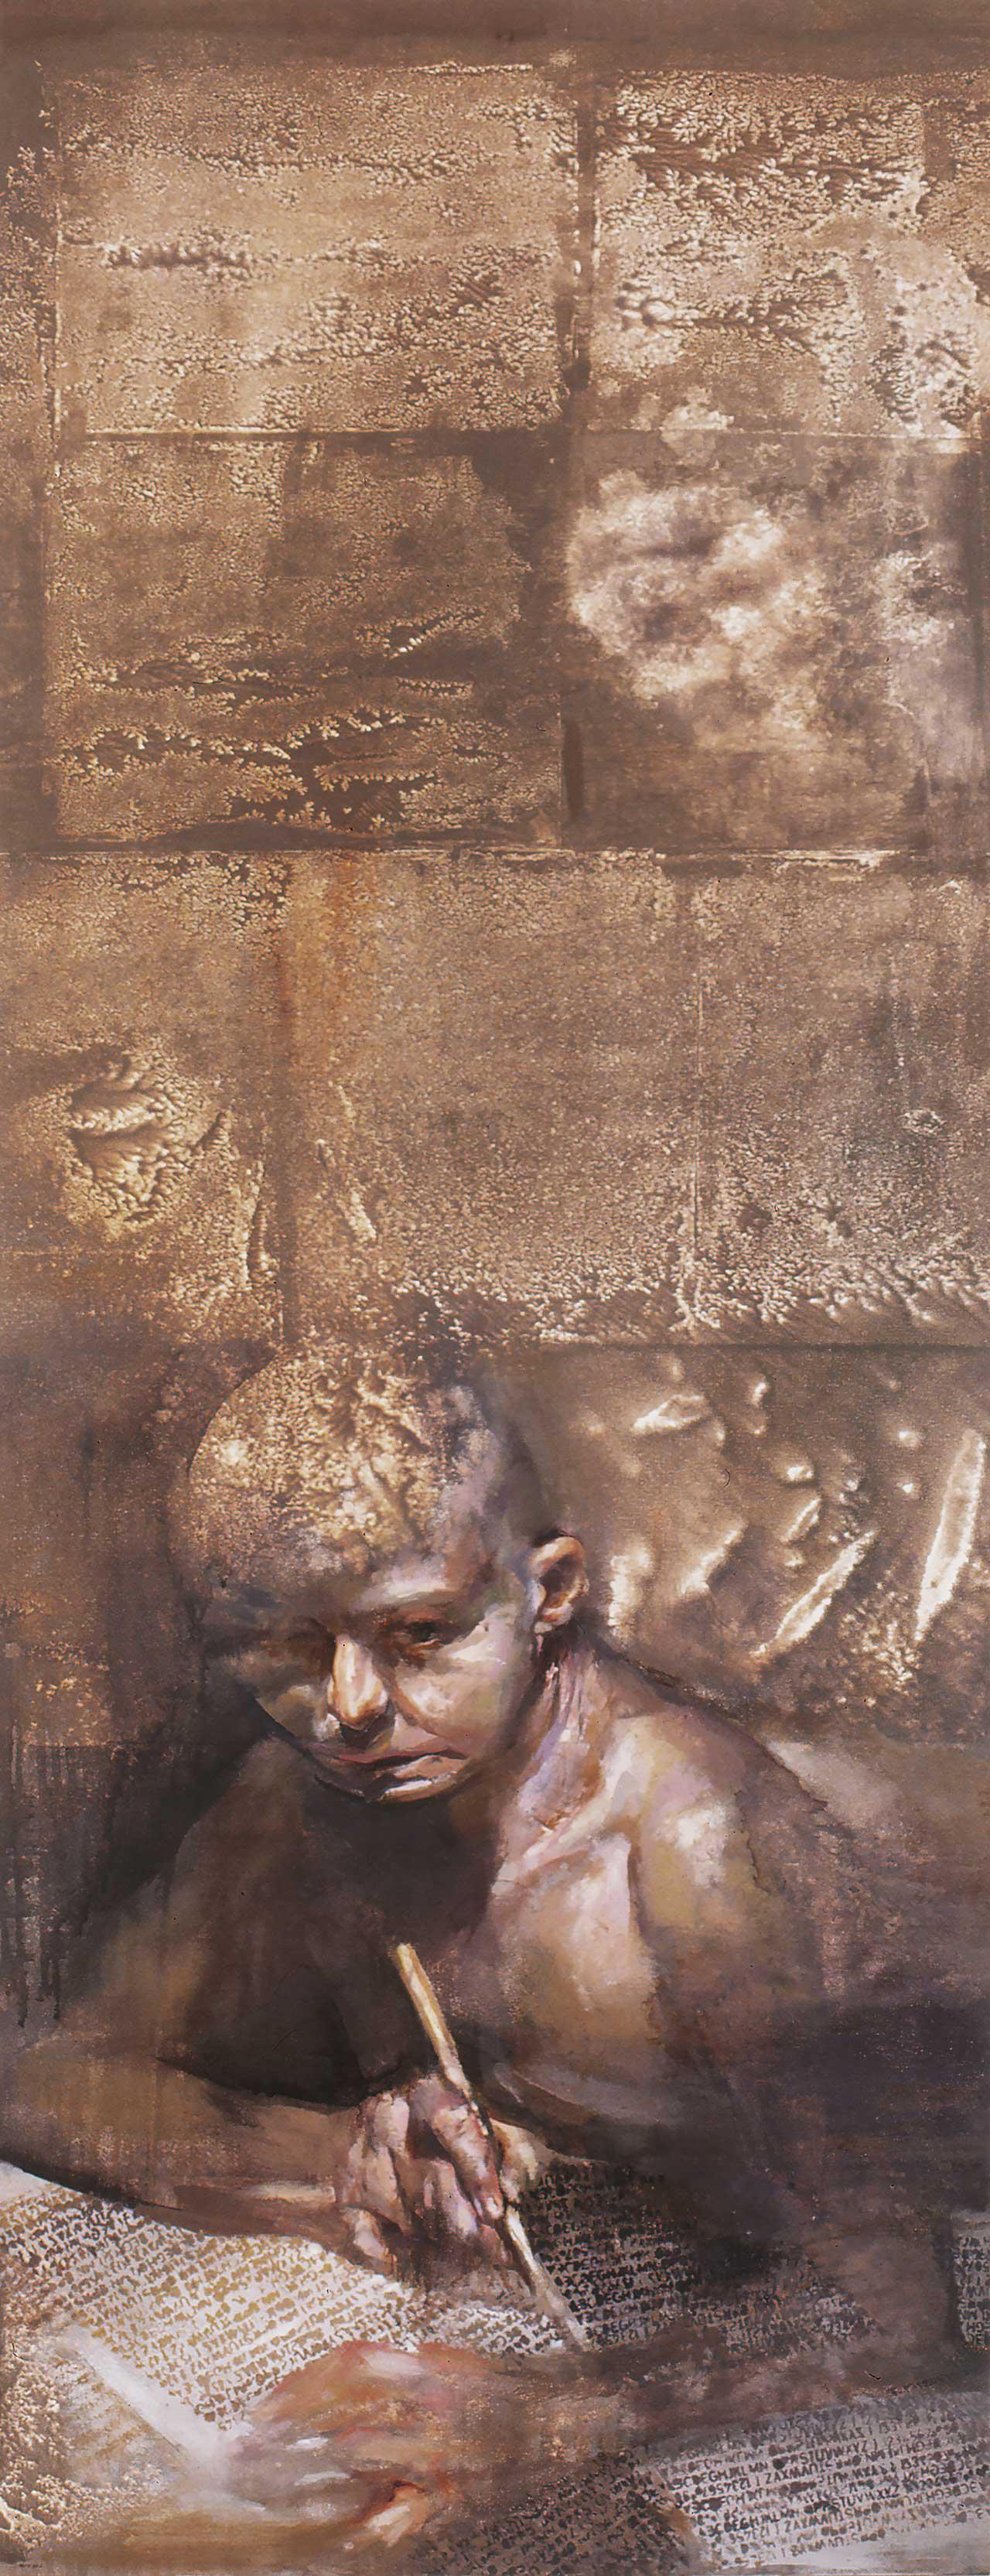 Ο Γραφέας (μέρος του τρίπτυχου: Ο Αφηγητής, Ο Χρόνος, Ο Γραφέας), 1995, λάδι σε καμβά, 150x60 εκ.